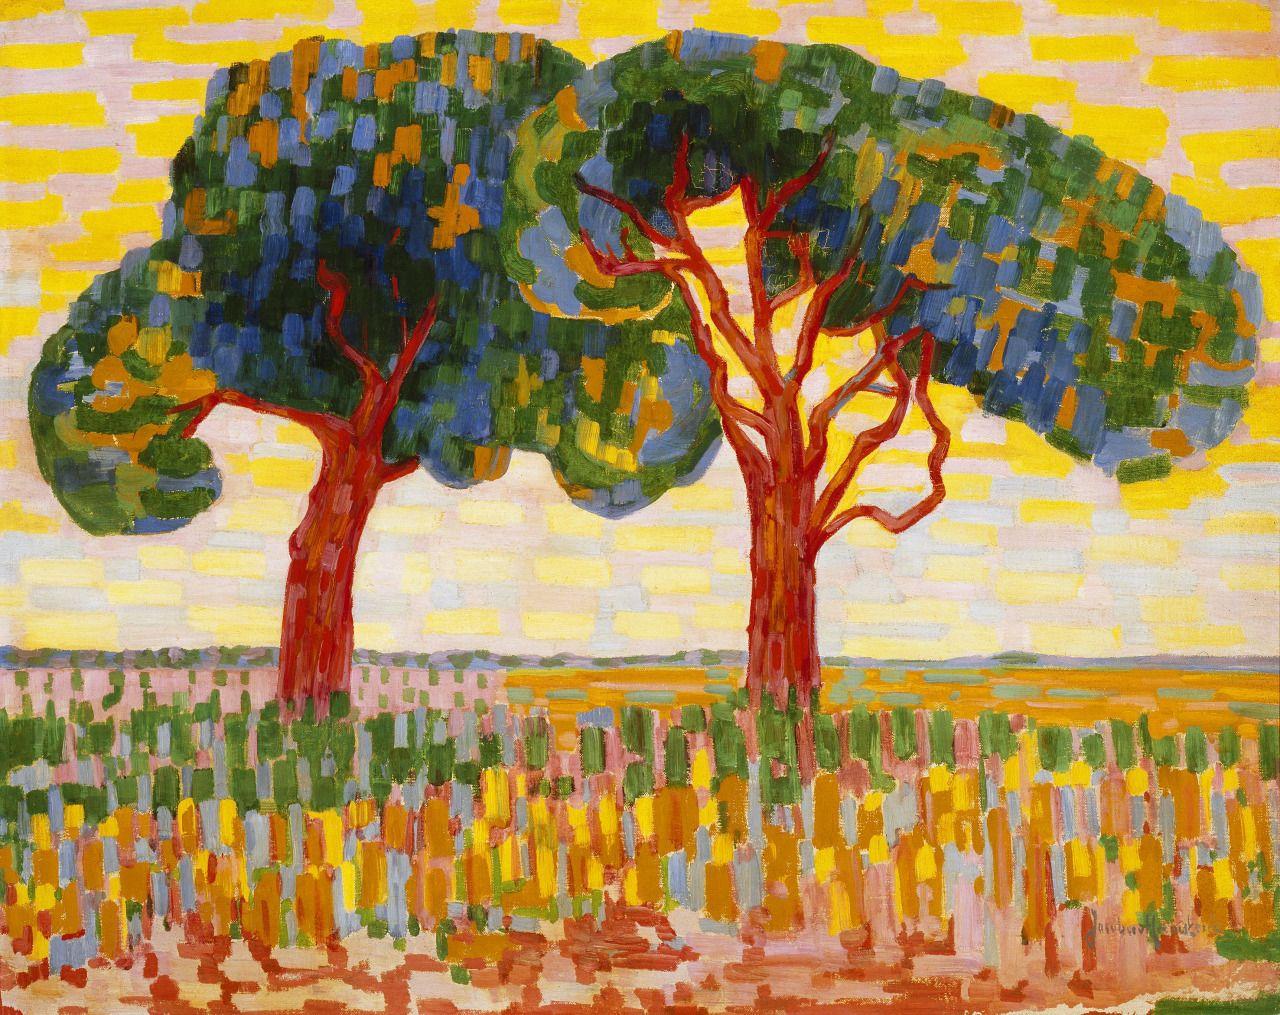 Jacoba van Heemskerk  (Dutch, 1876-1923) Two Trees (Twee bomen), 1908-1910 Oil on canvas, 73.2 x 91 cm Gemeentemuseum Den Haag, Nederlands